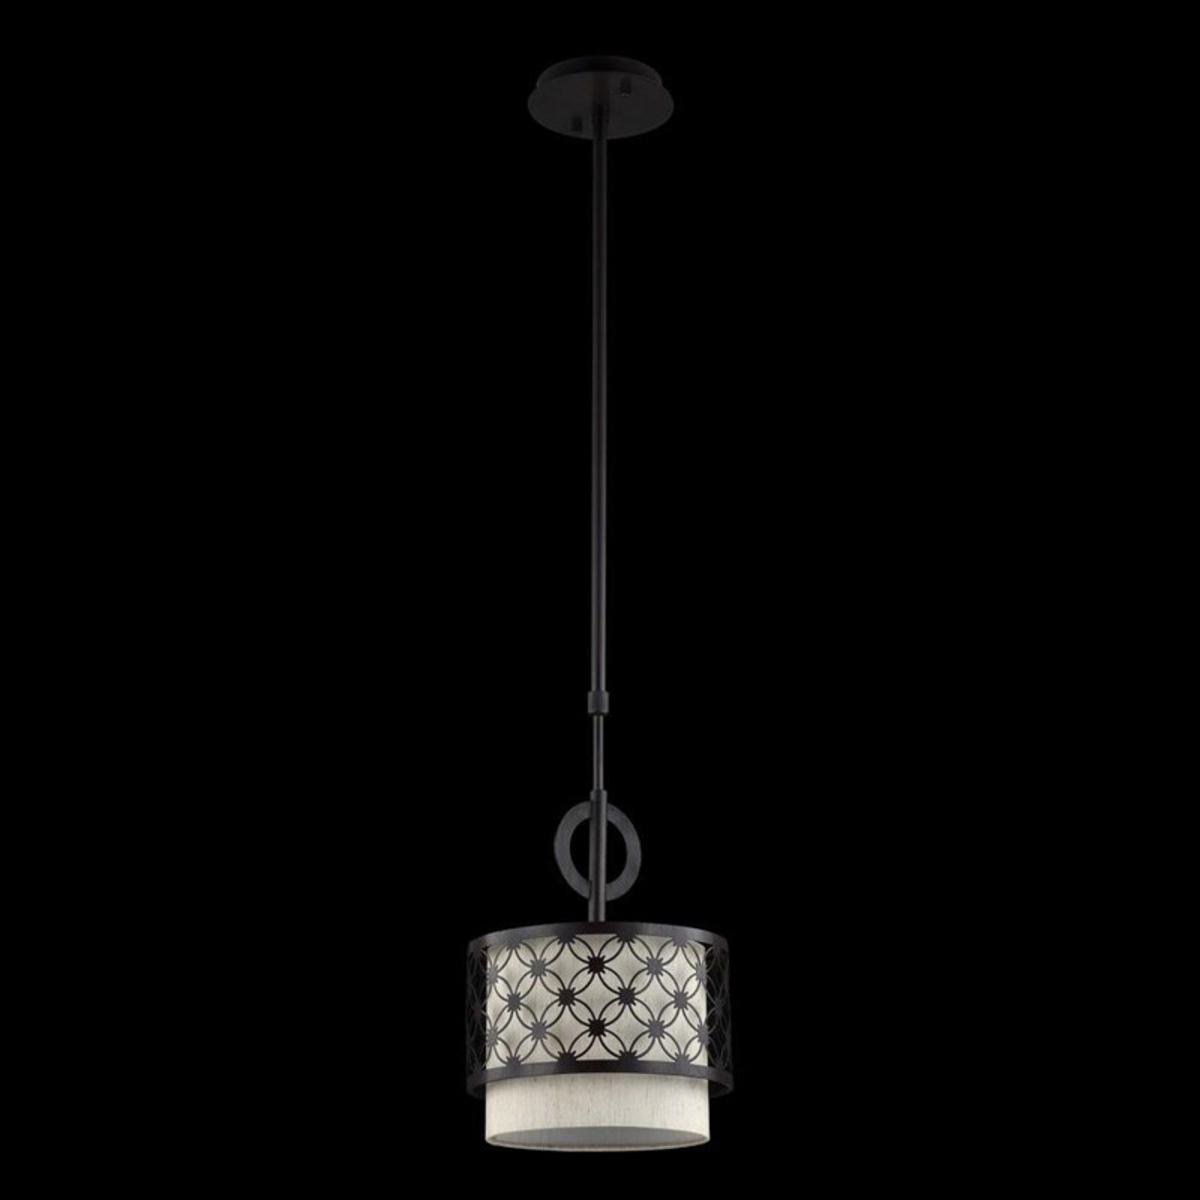 Купить Подвесной светильник HOUSE+H260 H260-00-R, HomeMe